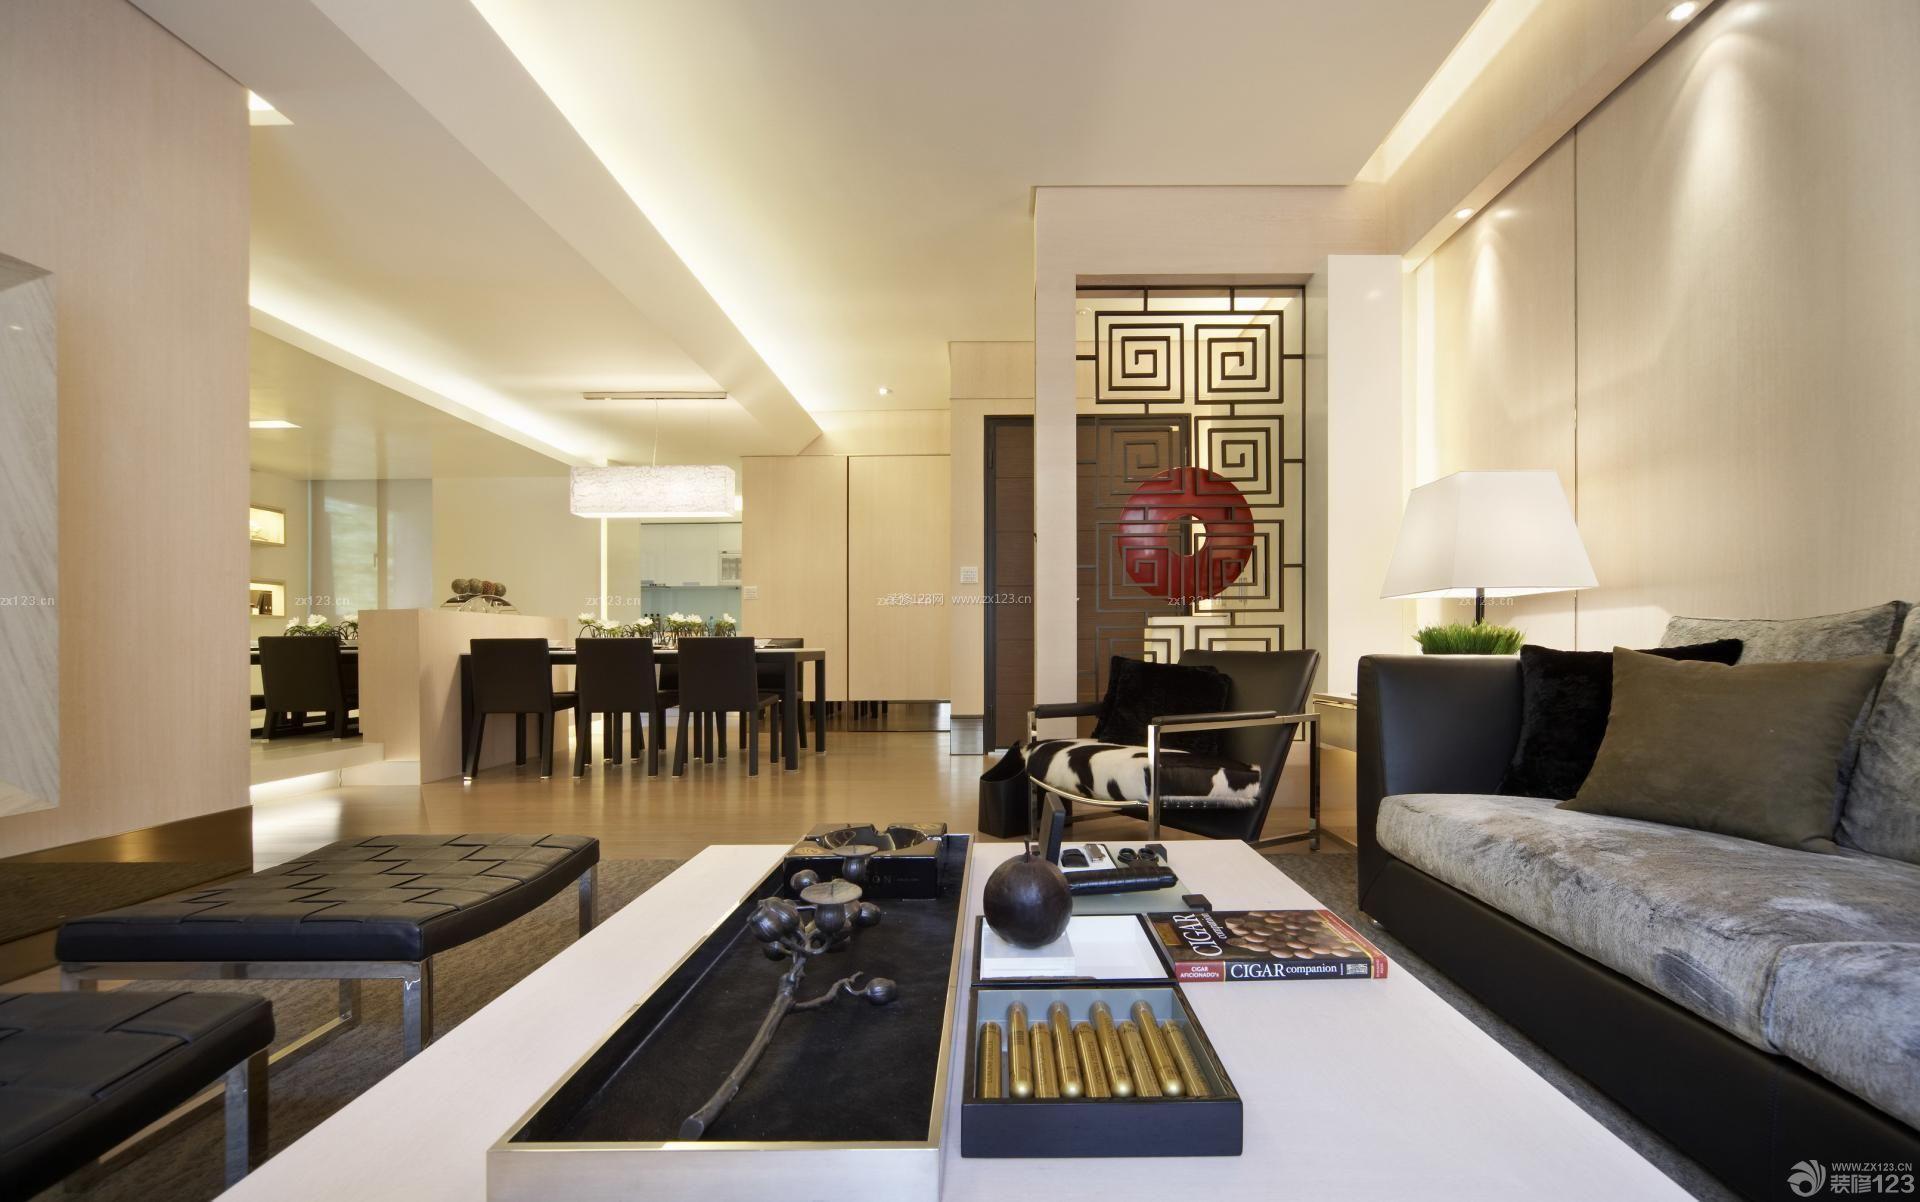 140平米房子客厅隔断装修设计效果图